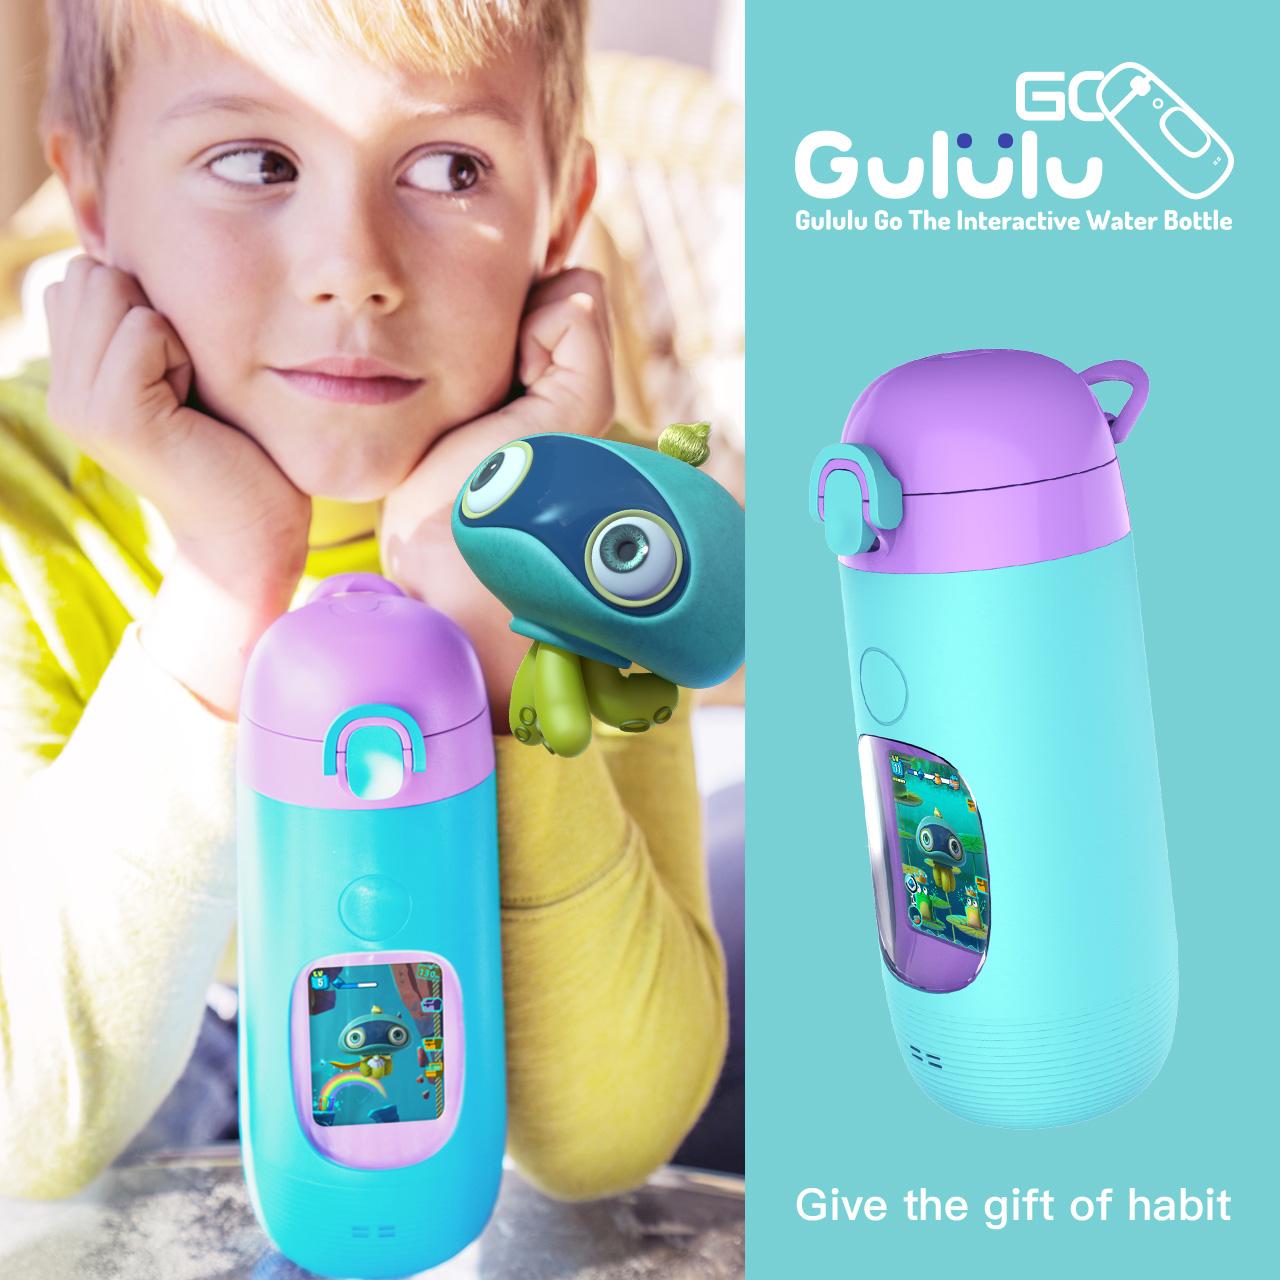 e43c23af66 Signup for Gululu Go